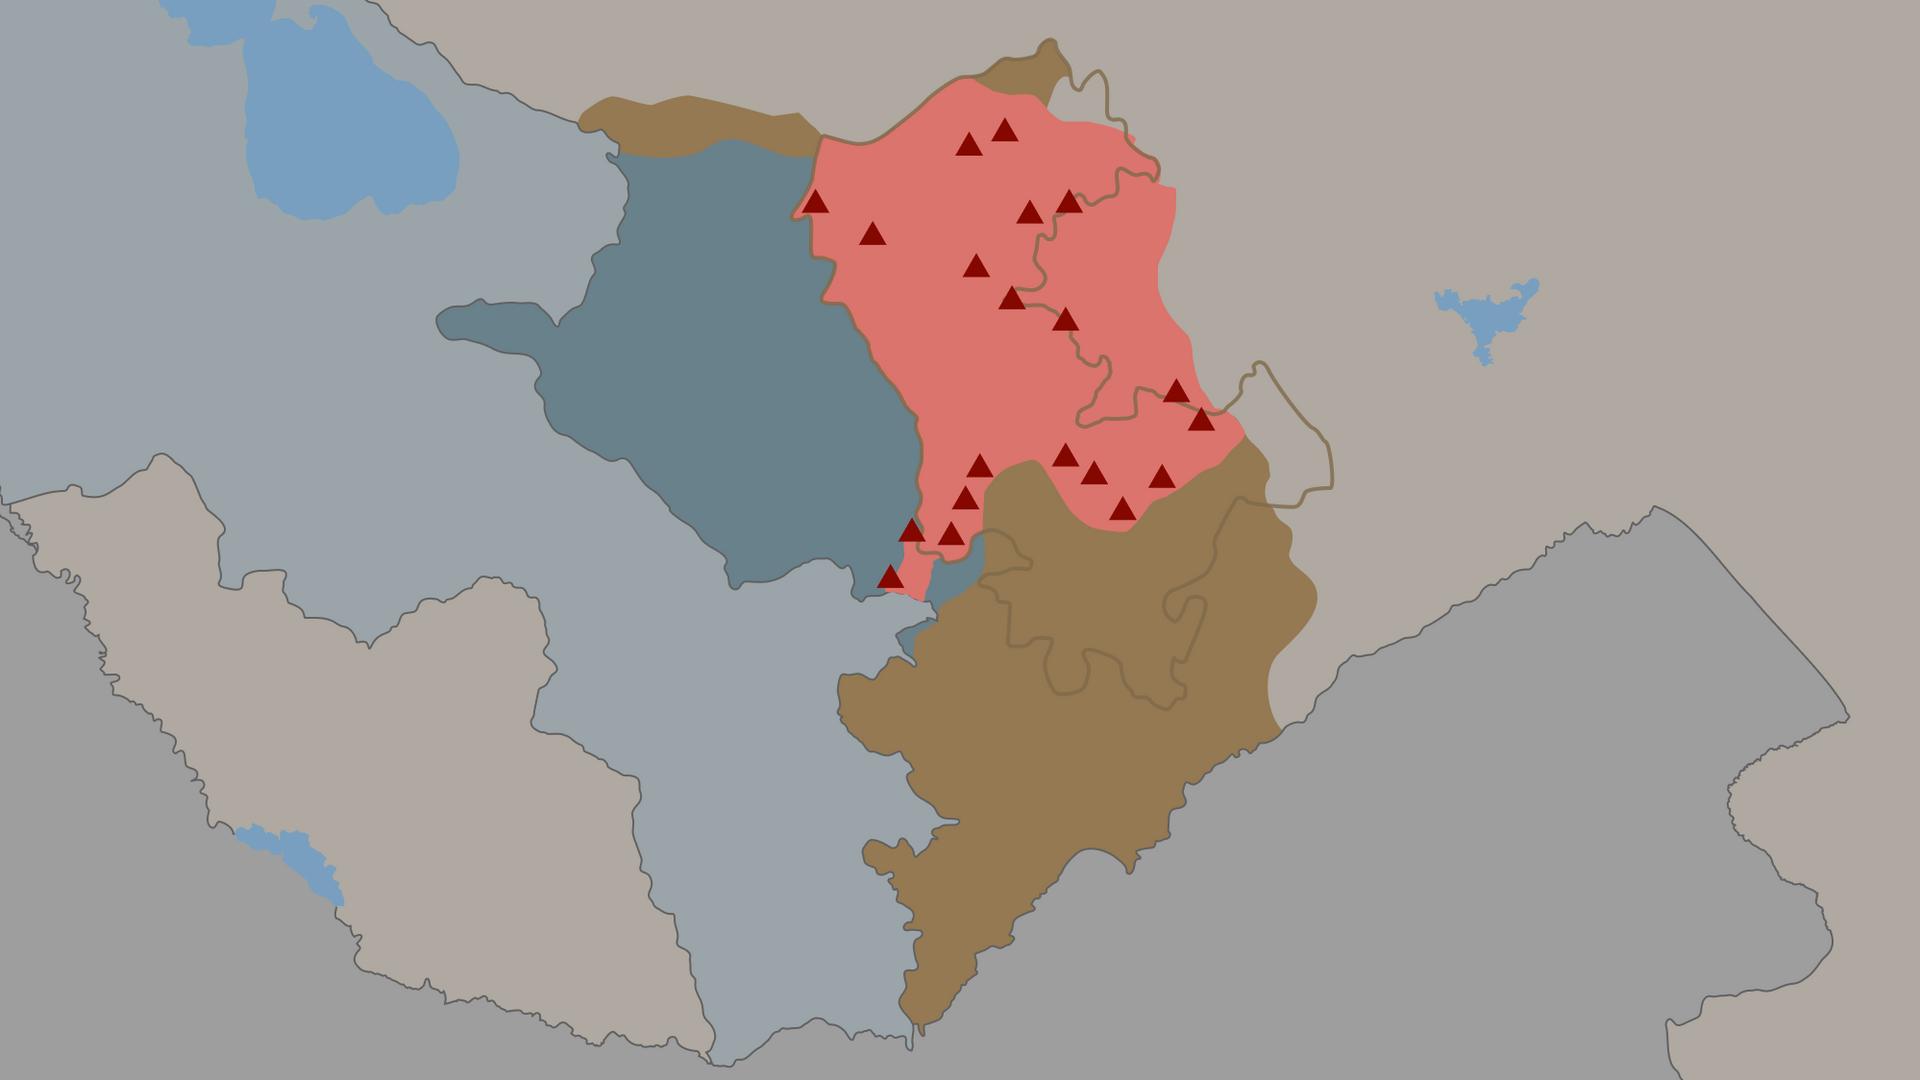 Российские миротворческие силы в Карабахе: дислокация и контингент - РИА Новости, 1920, 16.11.2020